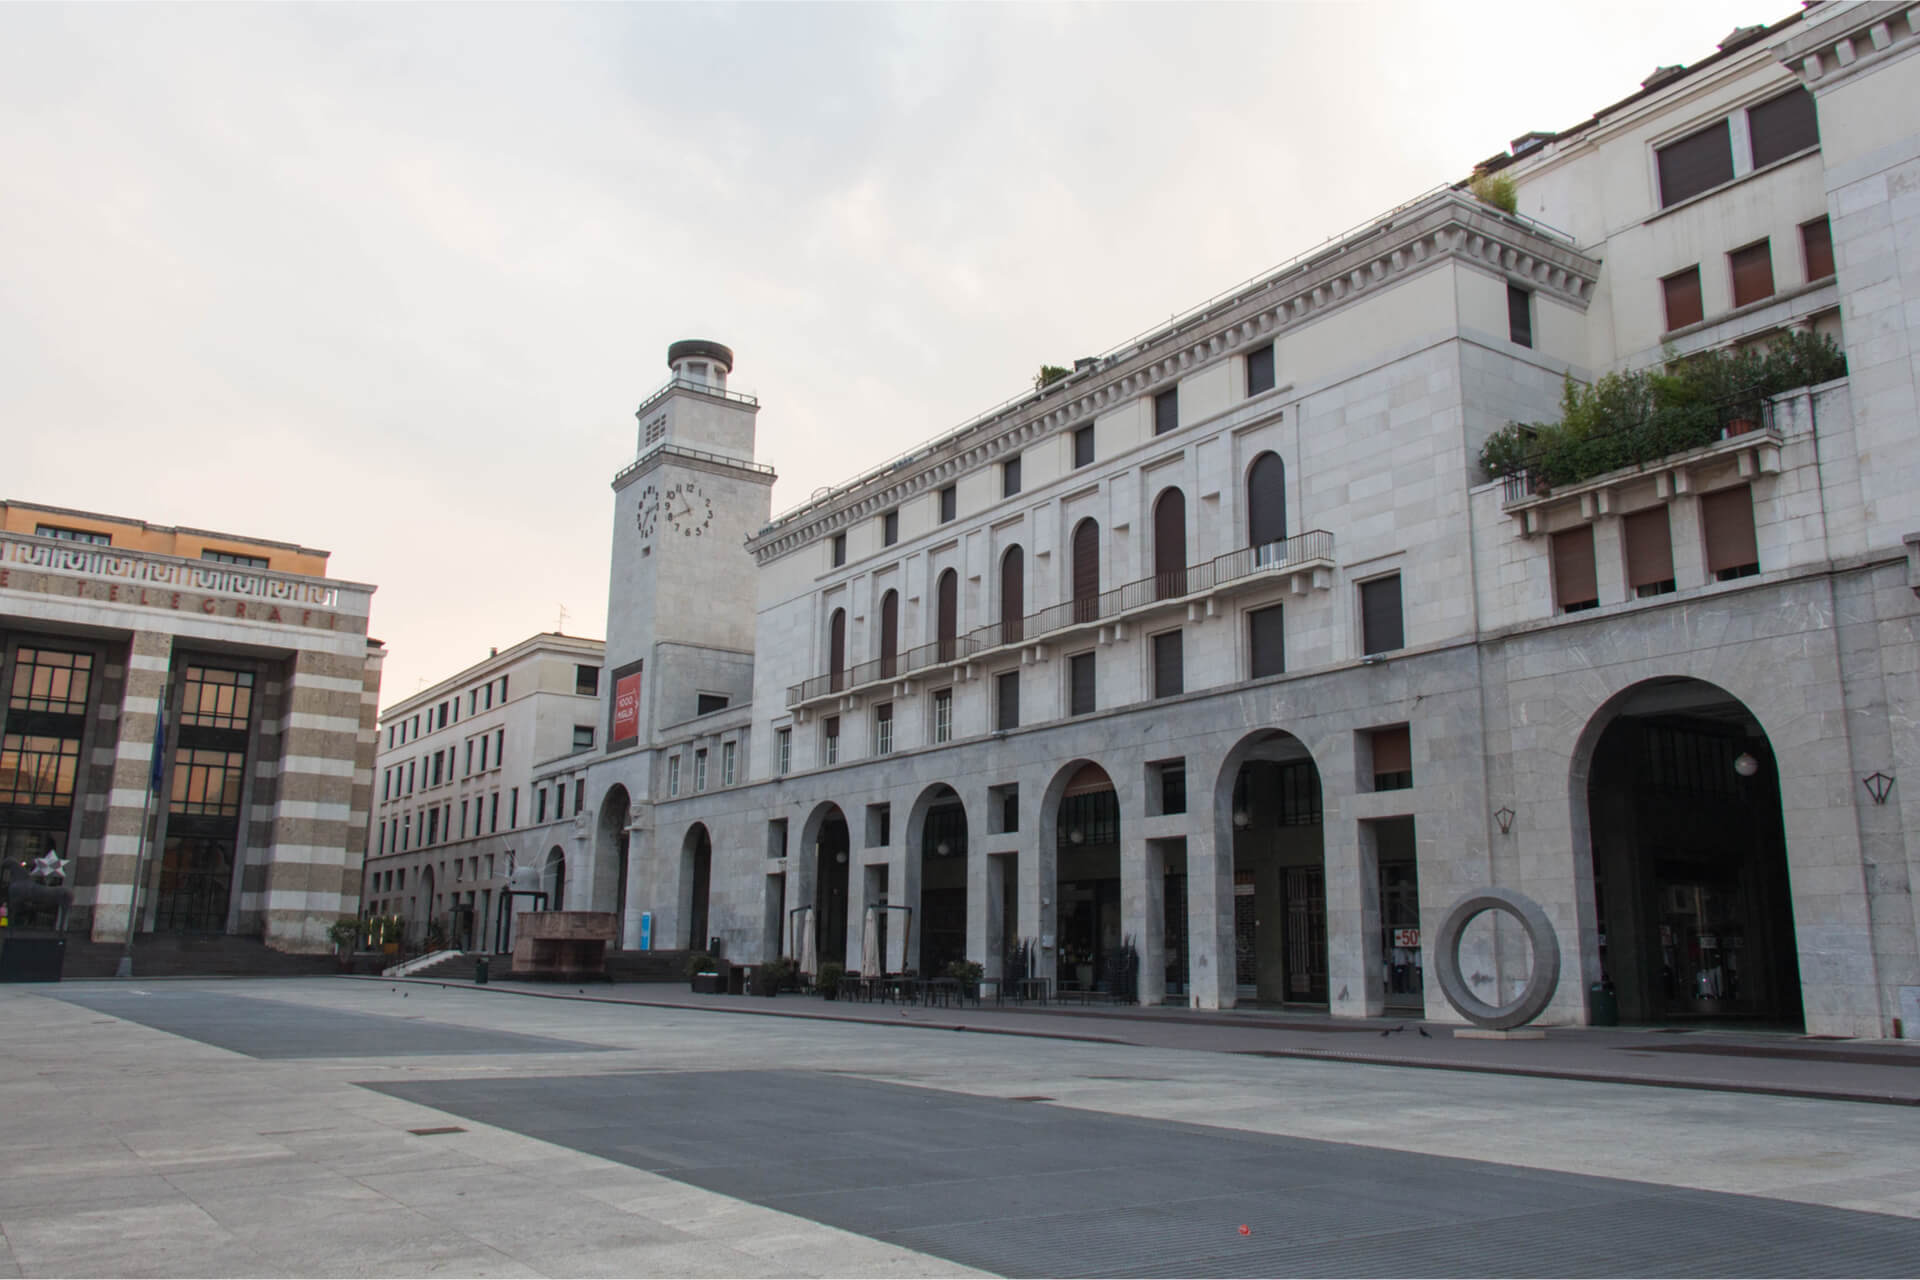 Ascomfidi Brescia - finanziamenti brescia, prestiti e fideiussioni Brescia